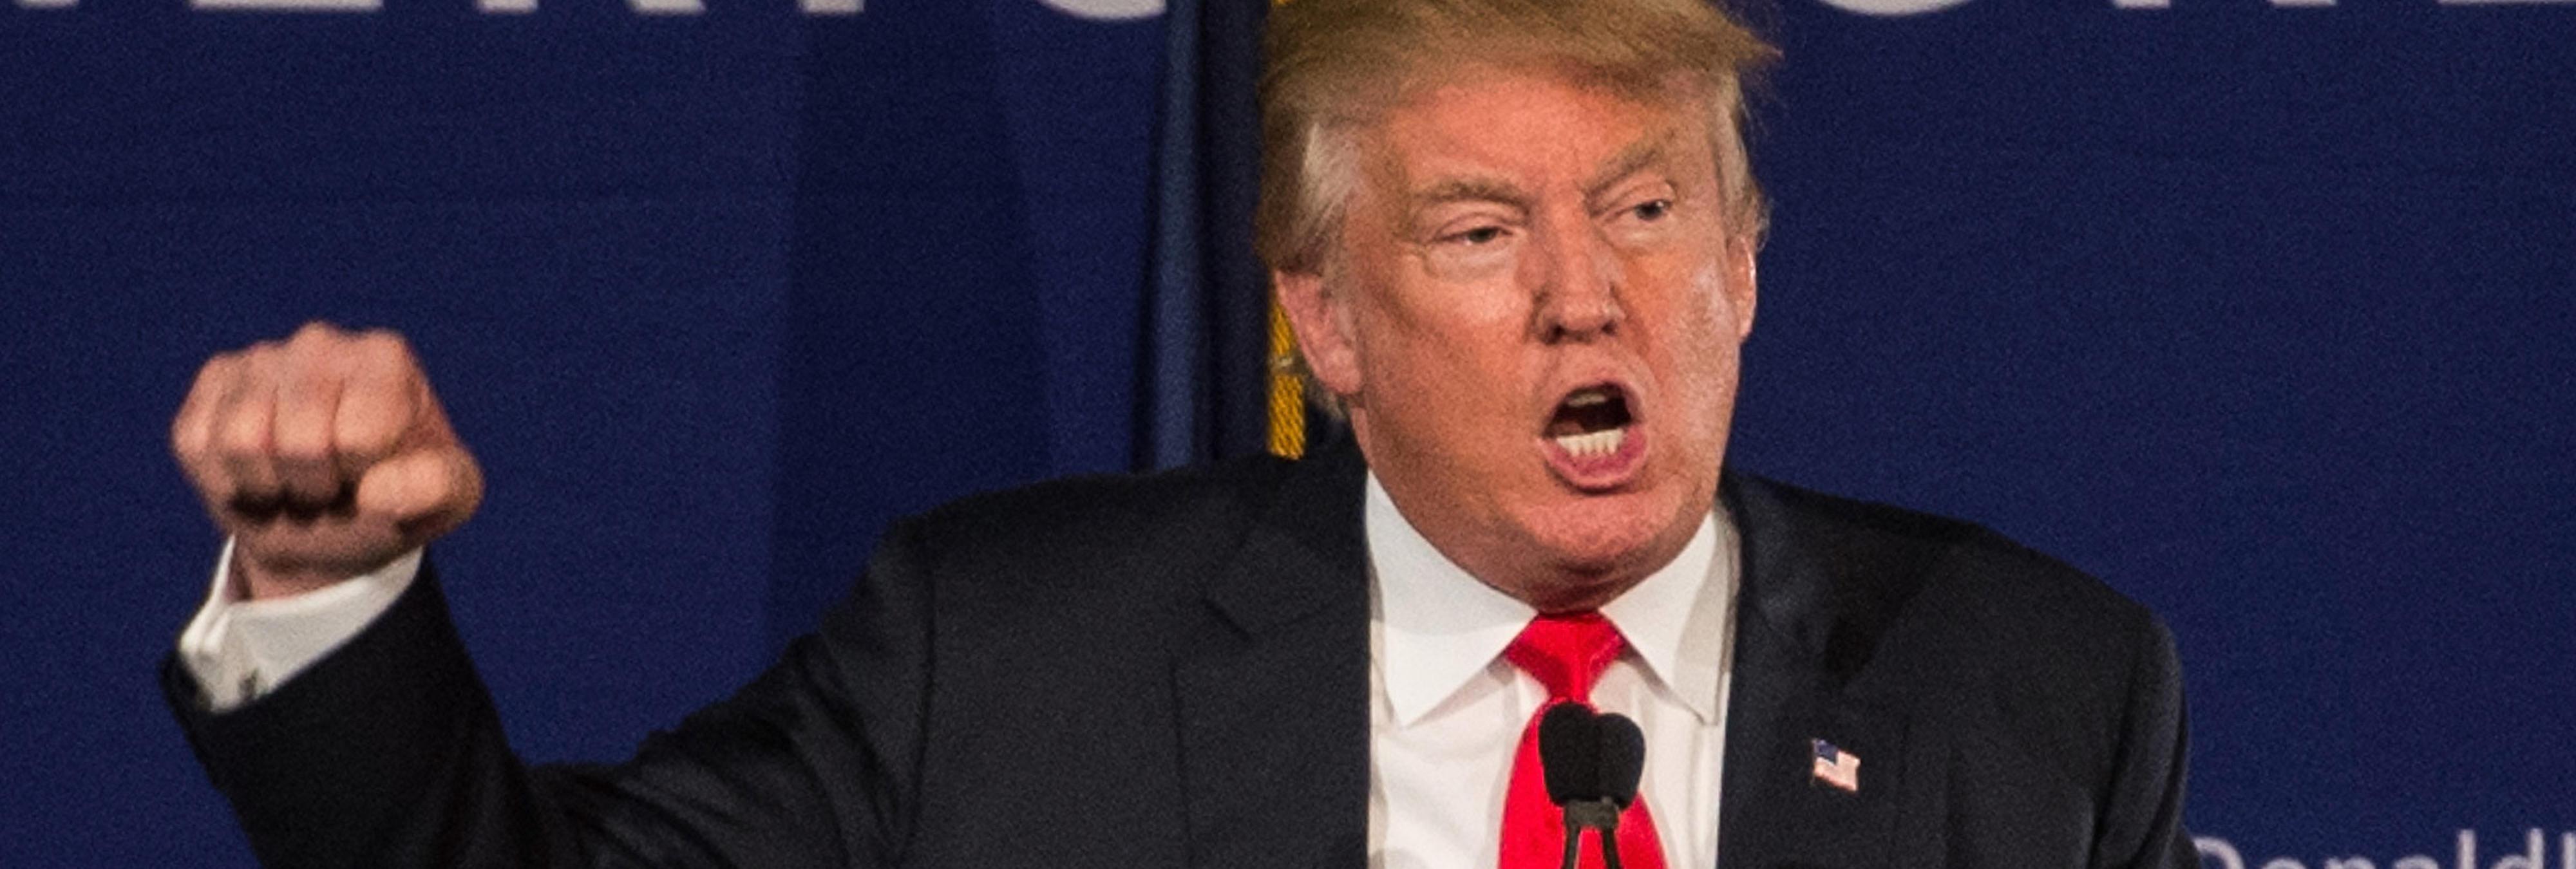 Un águila patriota llamada Tío Sam ataca a Donald Trump